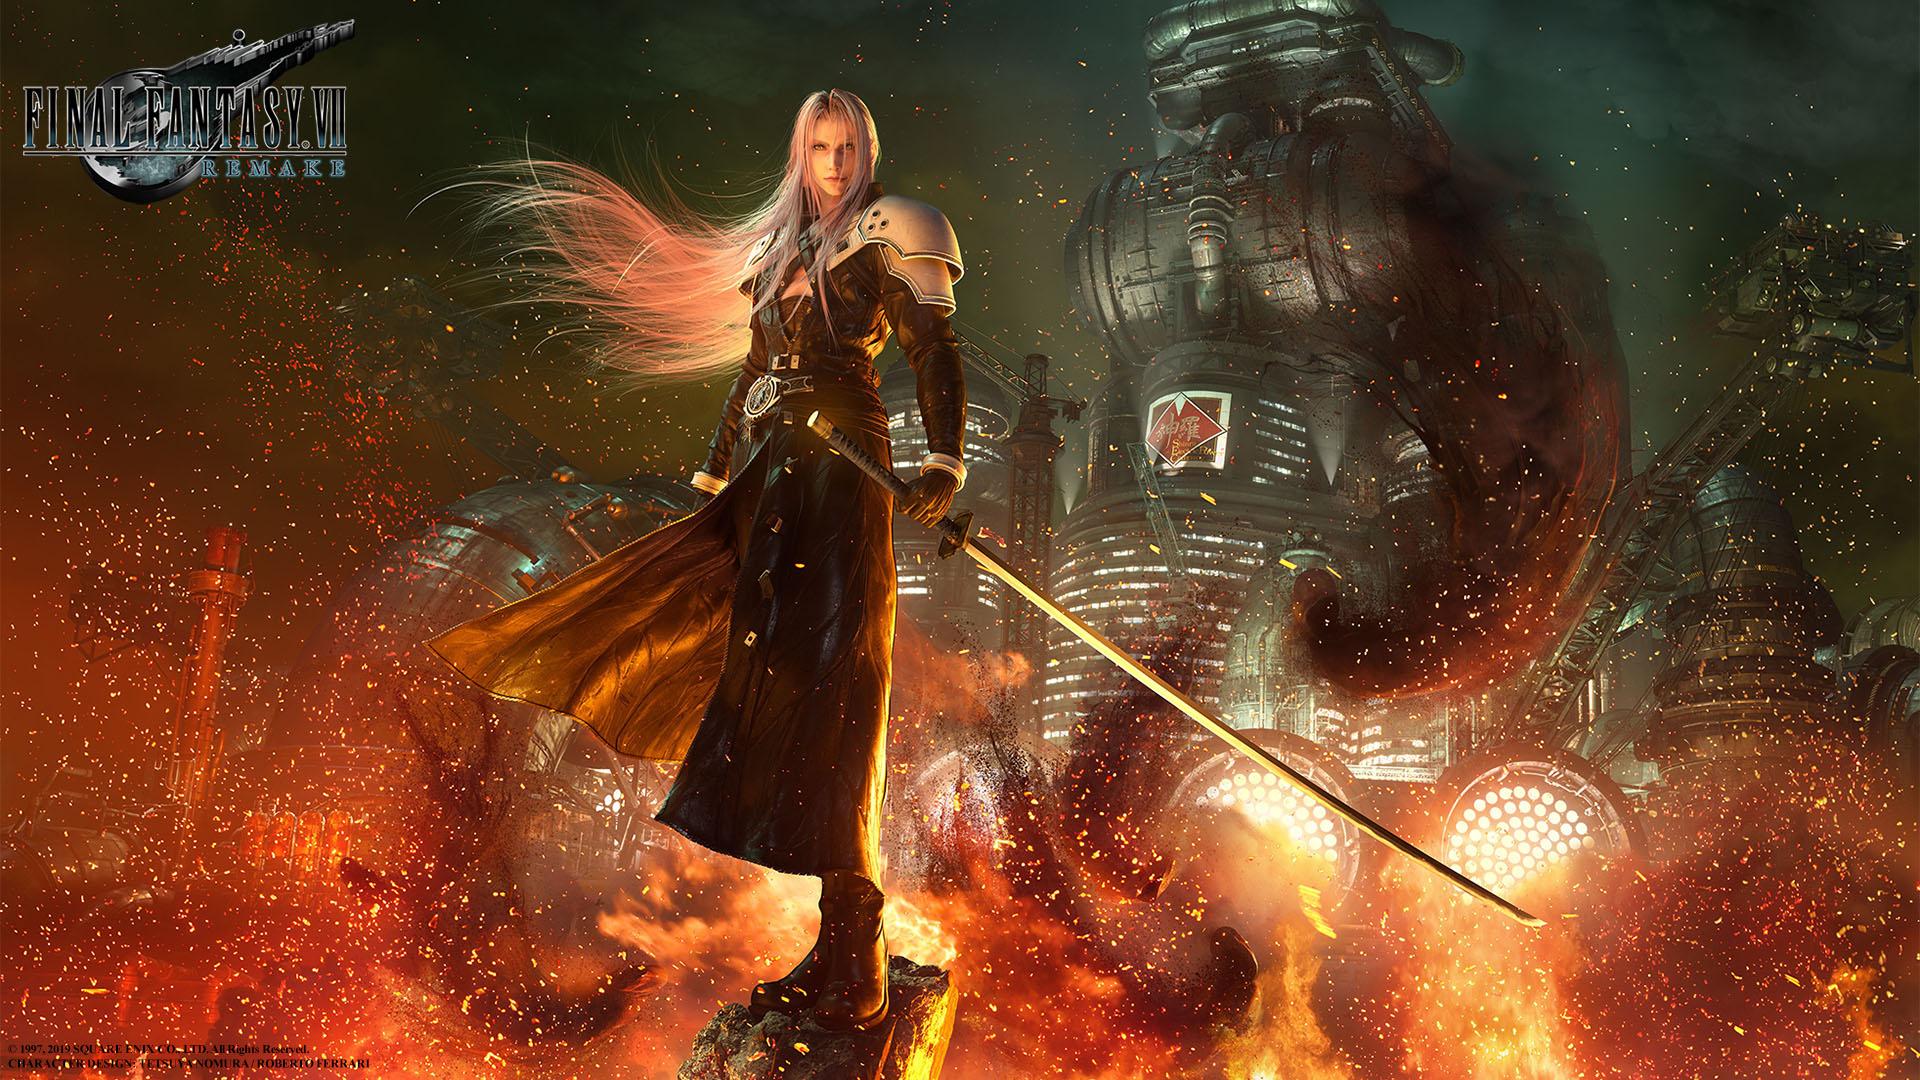 Final Fantasy VII Remake uscirà il 3 Marzo 2020! Nuovo trailer e keyart di Sephiroth!